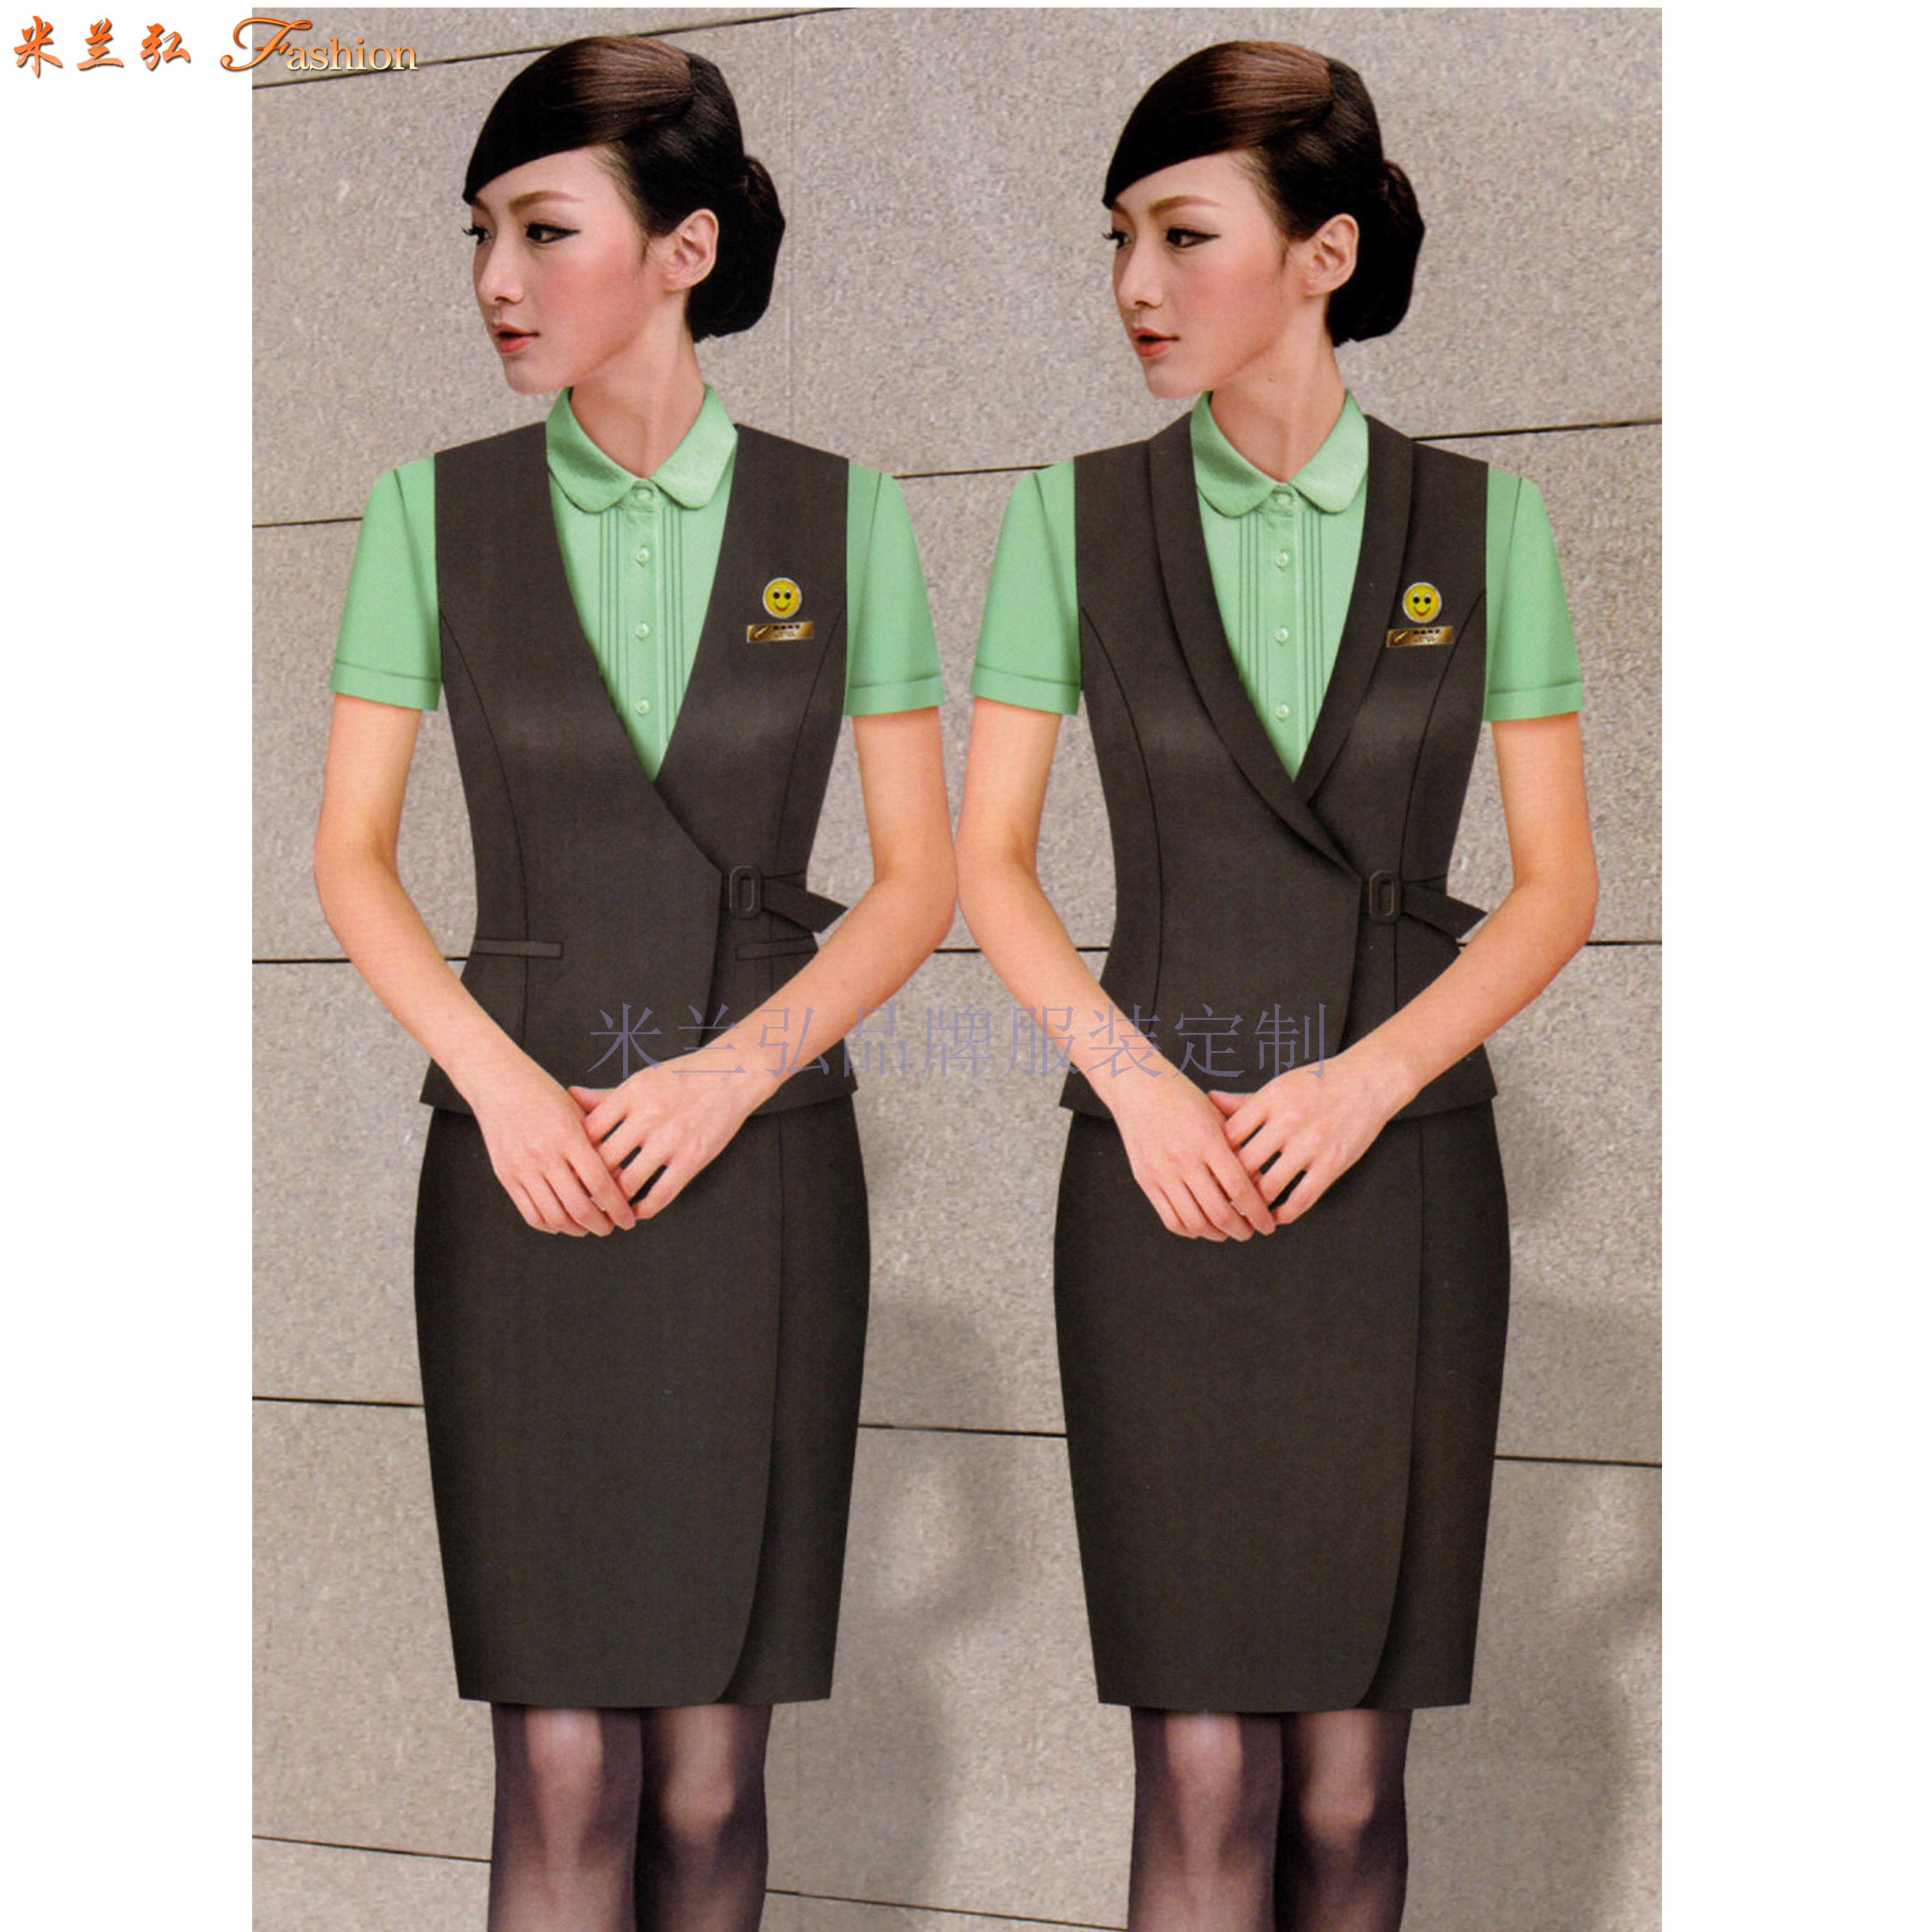 空姐服定制|圖片_價格_參數_面料_尺寸-米蘭弘服裝-5